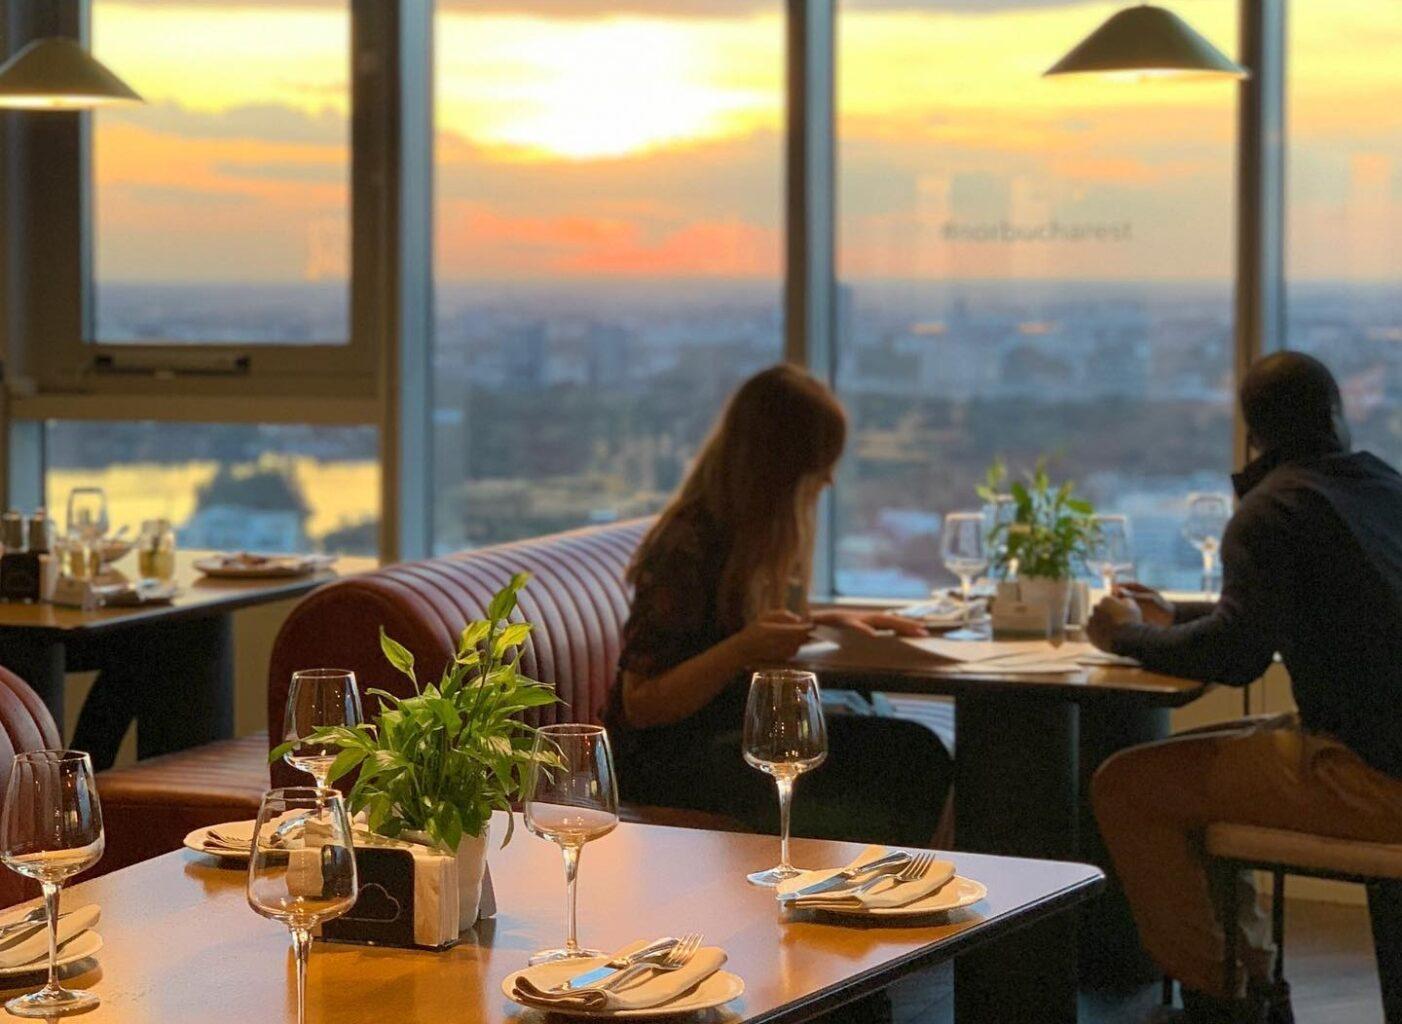 Prim plan cu o masa goala de restaurant, cu pahare asezate pe masa si servetele, iar in fundal o masa la care ia cina un cuplu, in fata unor ferestre mari prin care se vede apusul si panorama asupra orasului, la NOR Sku Casual Restaurant din București